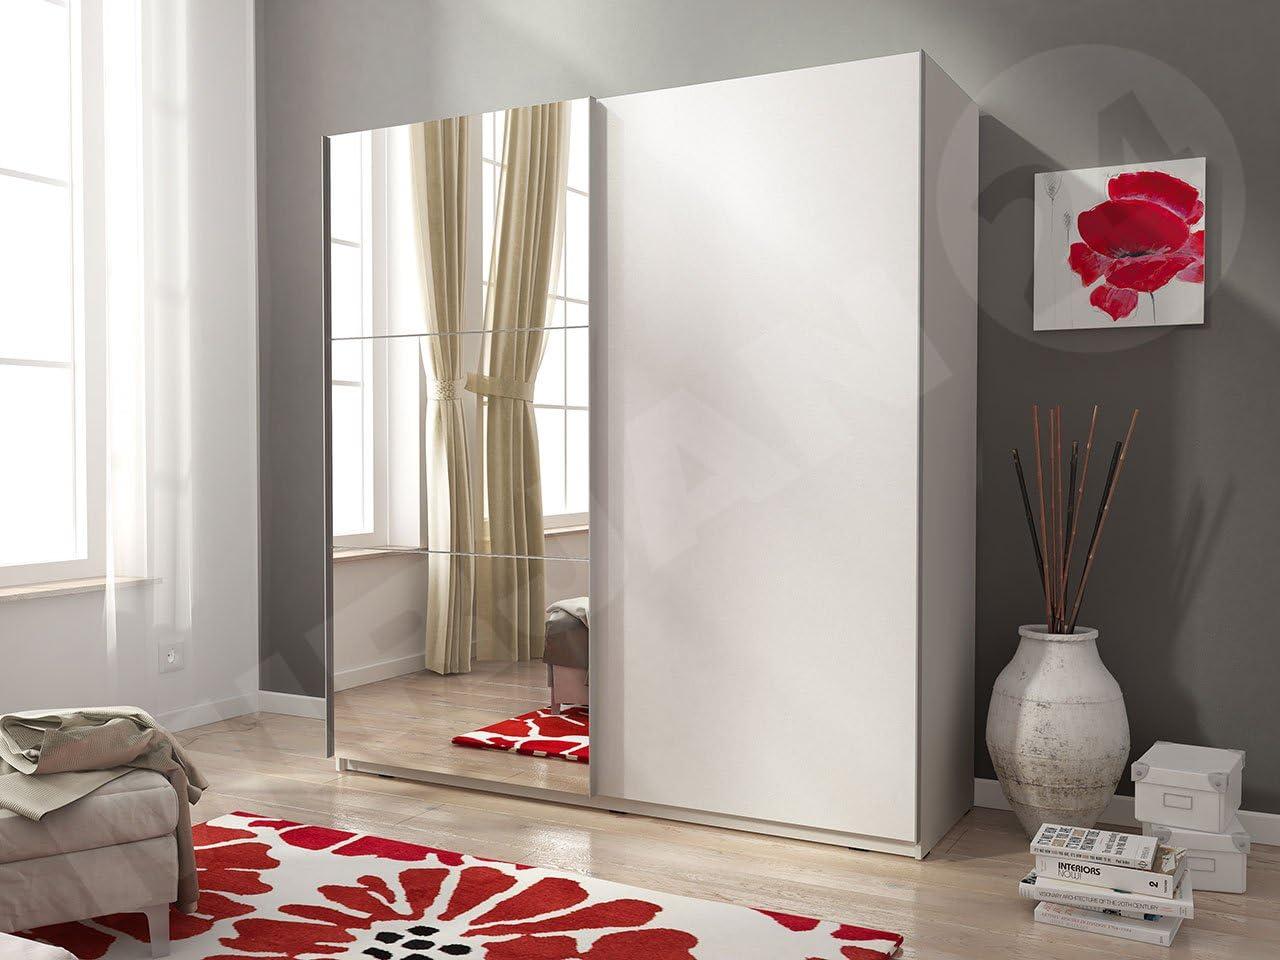 Armario Mika II 150, Moderno Dormitorio Armario con Espejo, 150 x ...